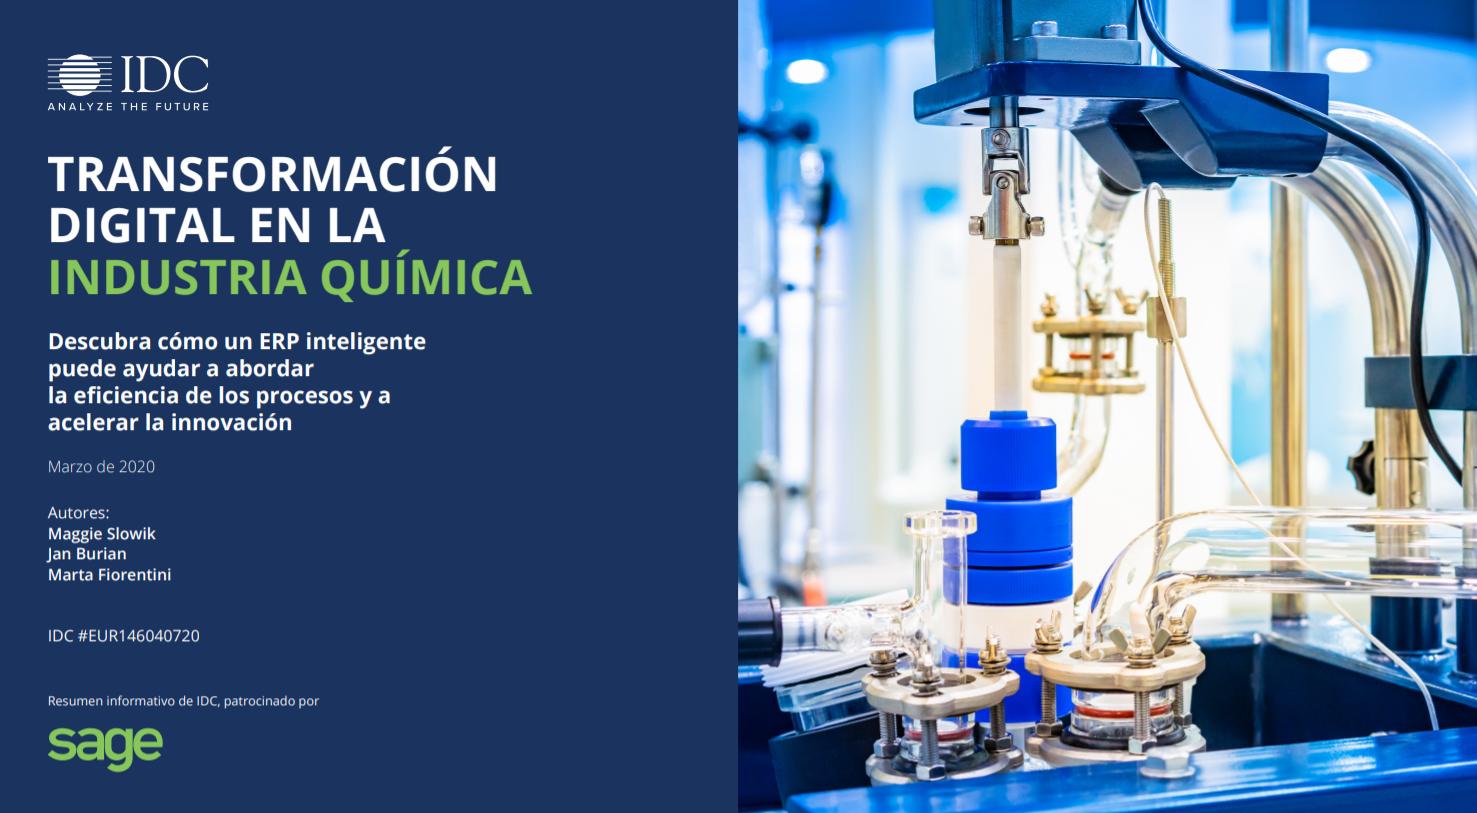 Transformación digital en la industria química.